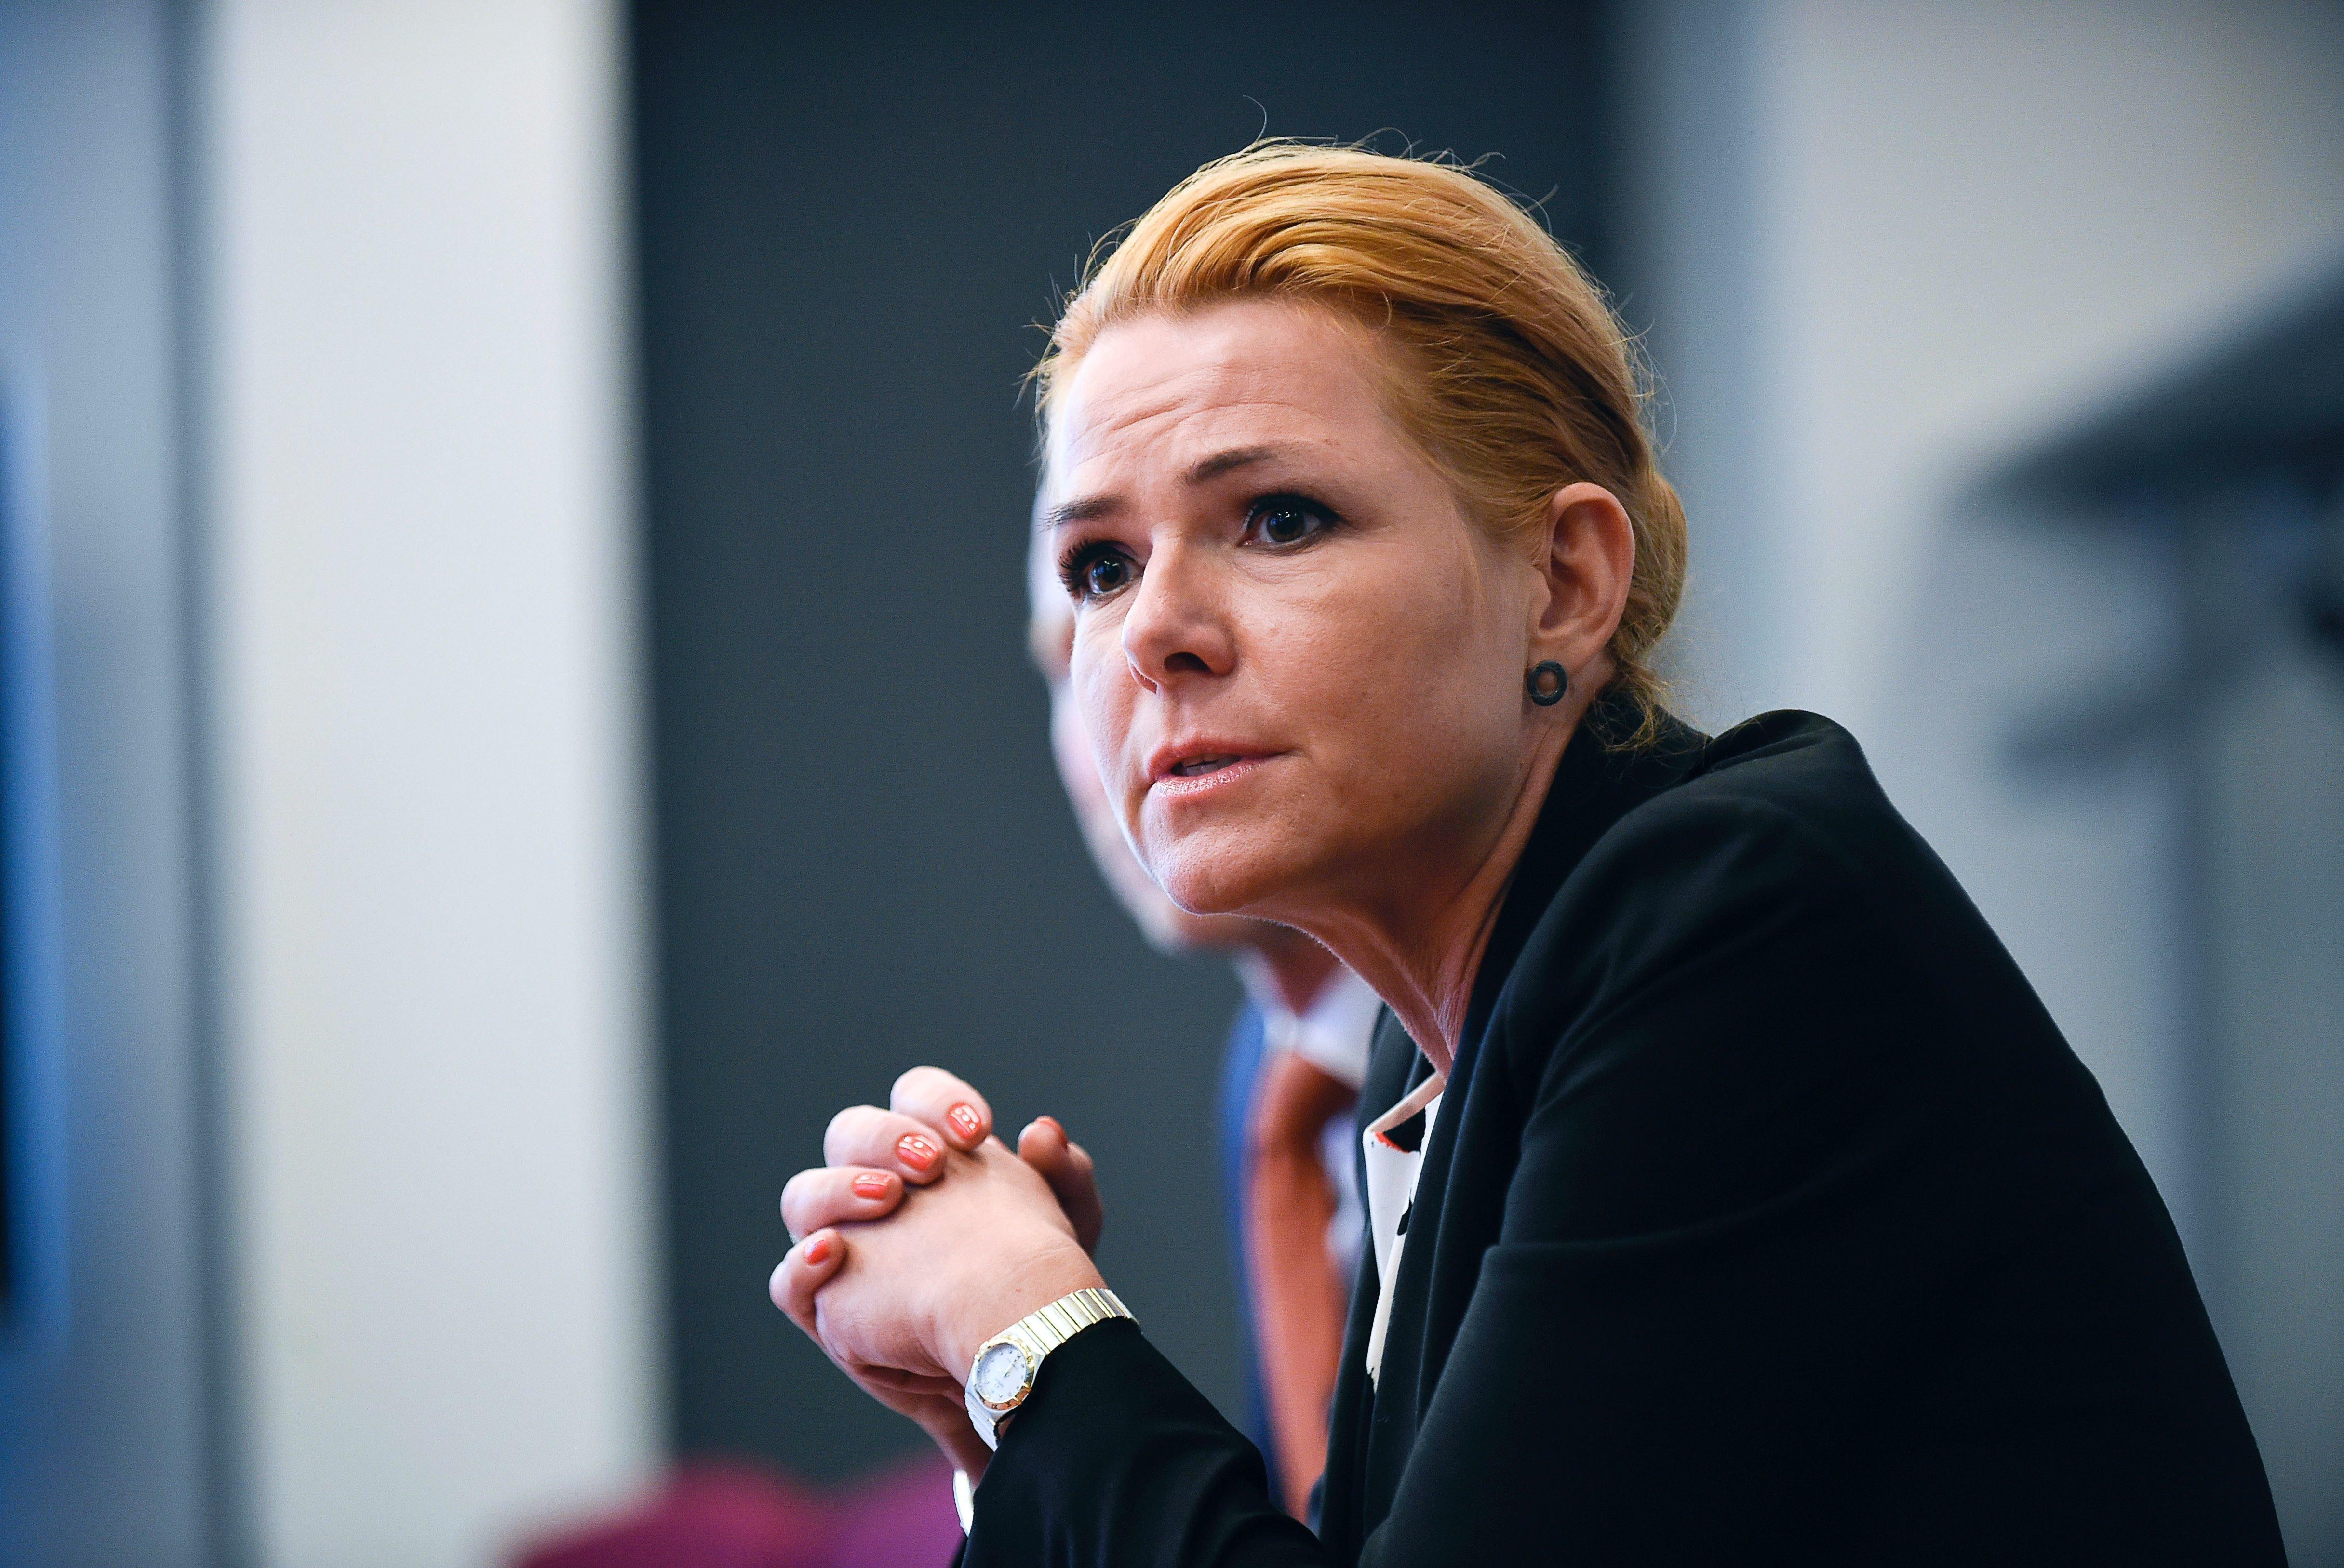 """Jeûner """"constitue un danger pour le peuple danois"""" selon cette"""